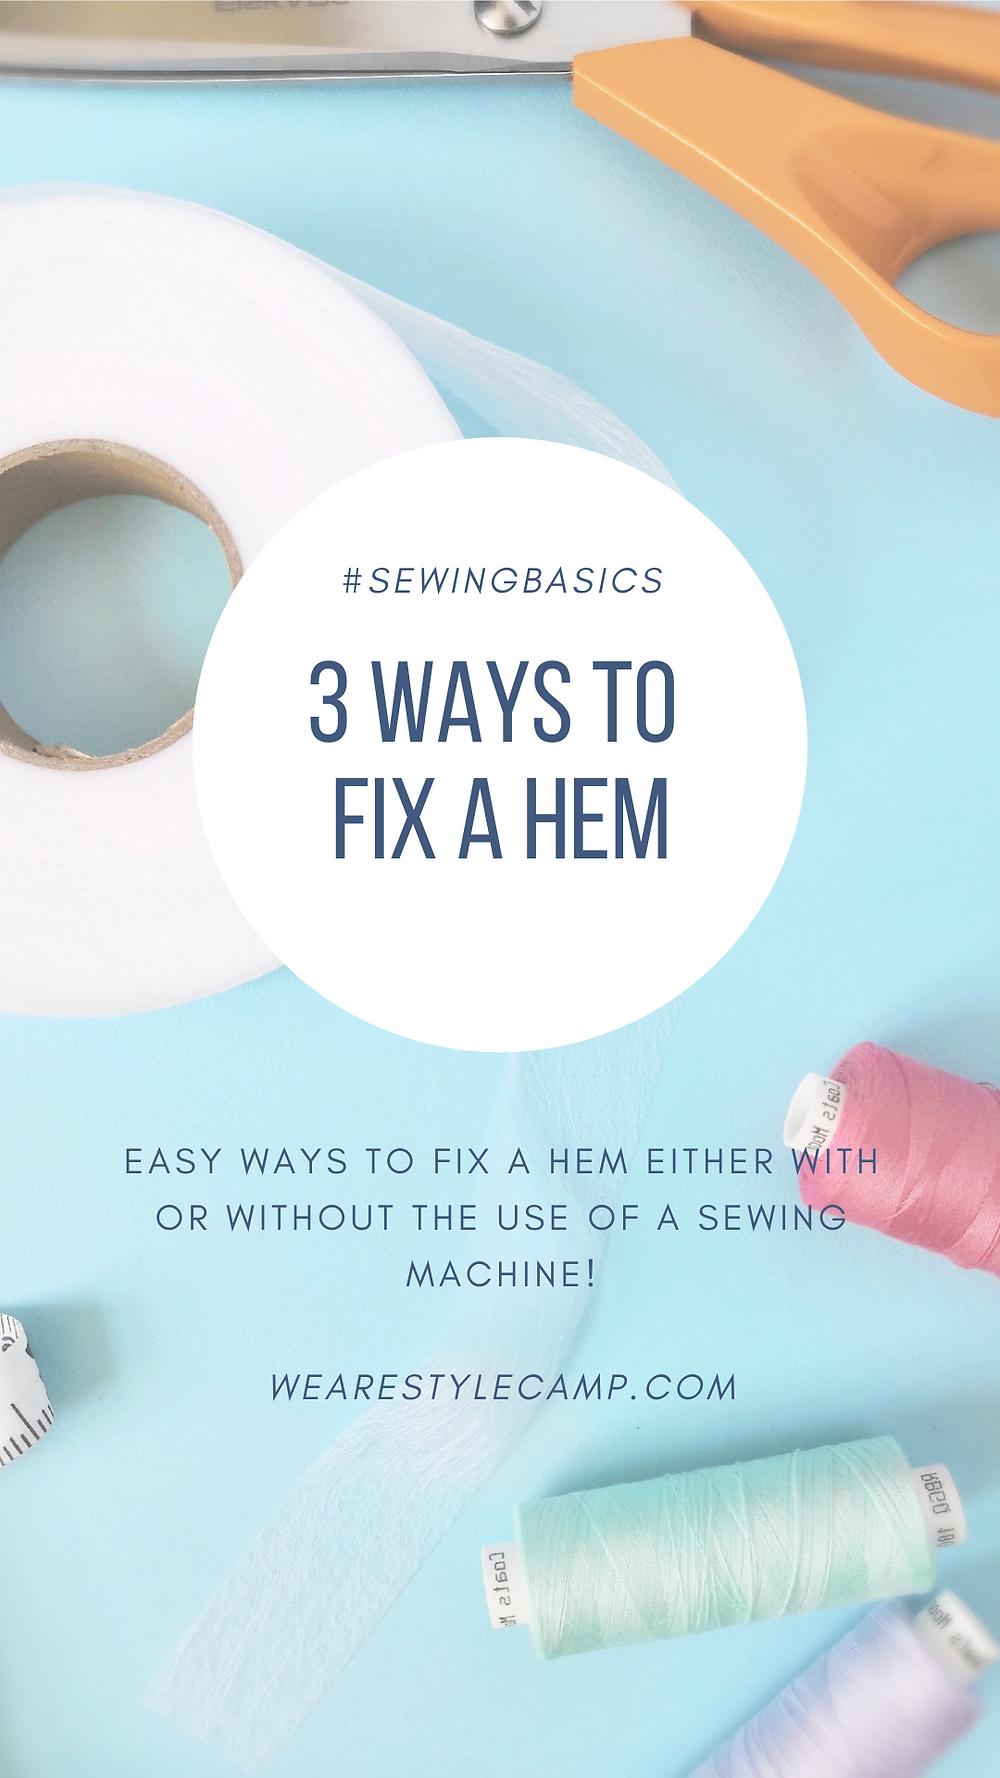 3 ways to fix a hem